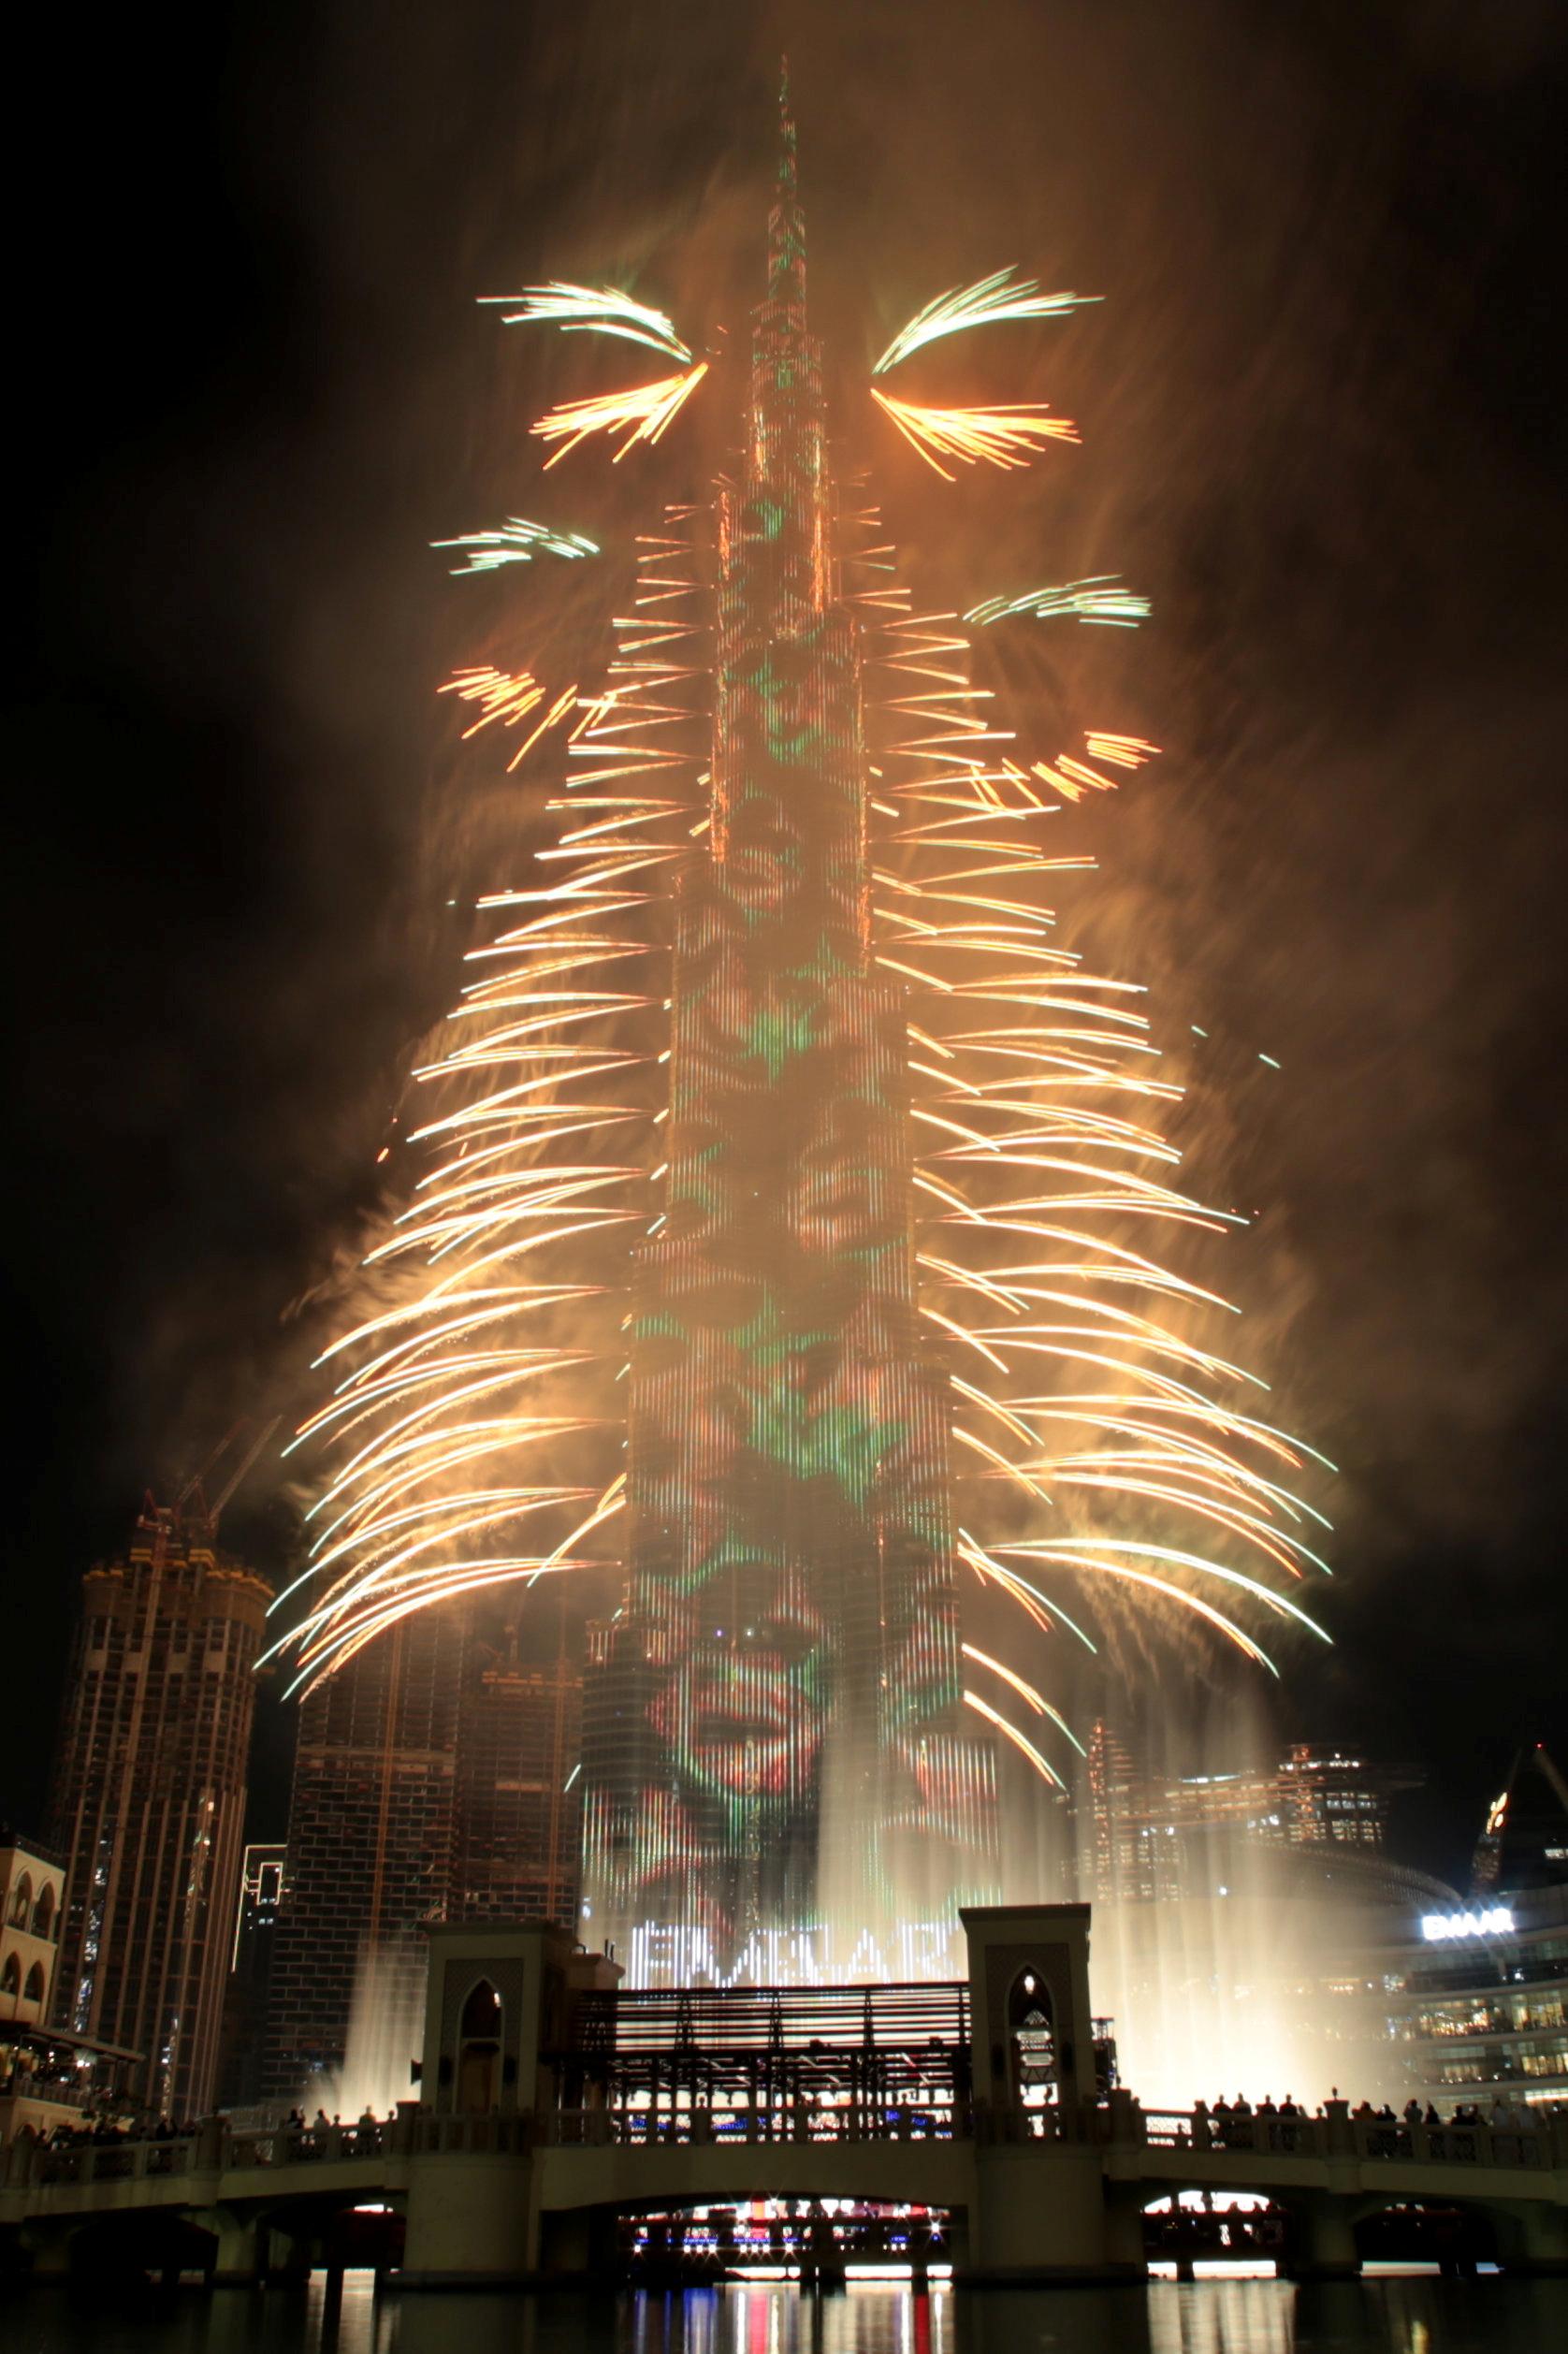 El rascacielos Burj Khalifa, el edificio más alto del mundo, cubierto de luces durante las celebraciones de Año Nuevo en Dubai (REUTERS/Christopher Pike)